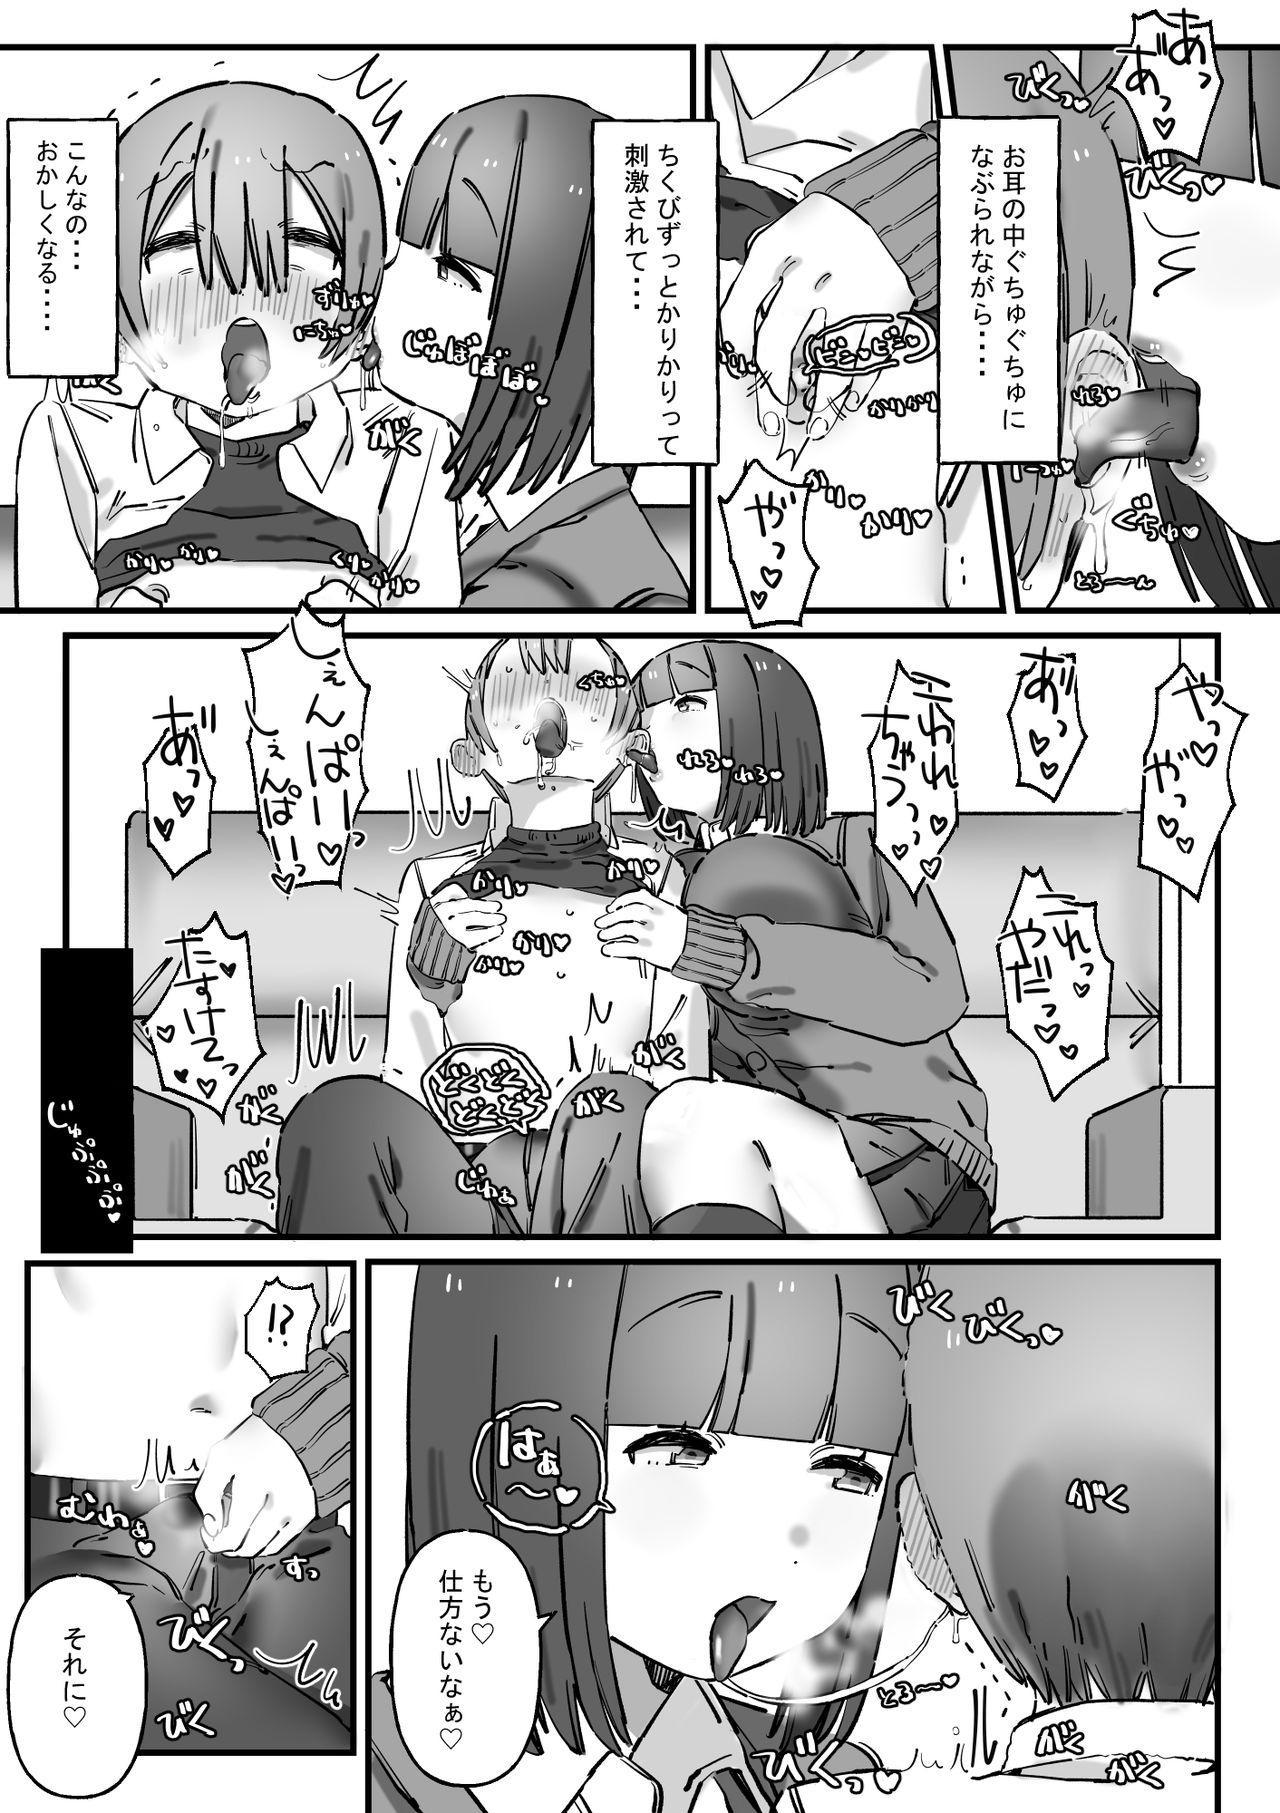 Akogare no Senpai wa Otoko o Moteasobu Waru~i Onnanoko 8